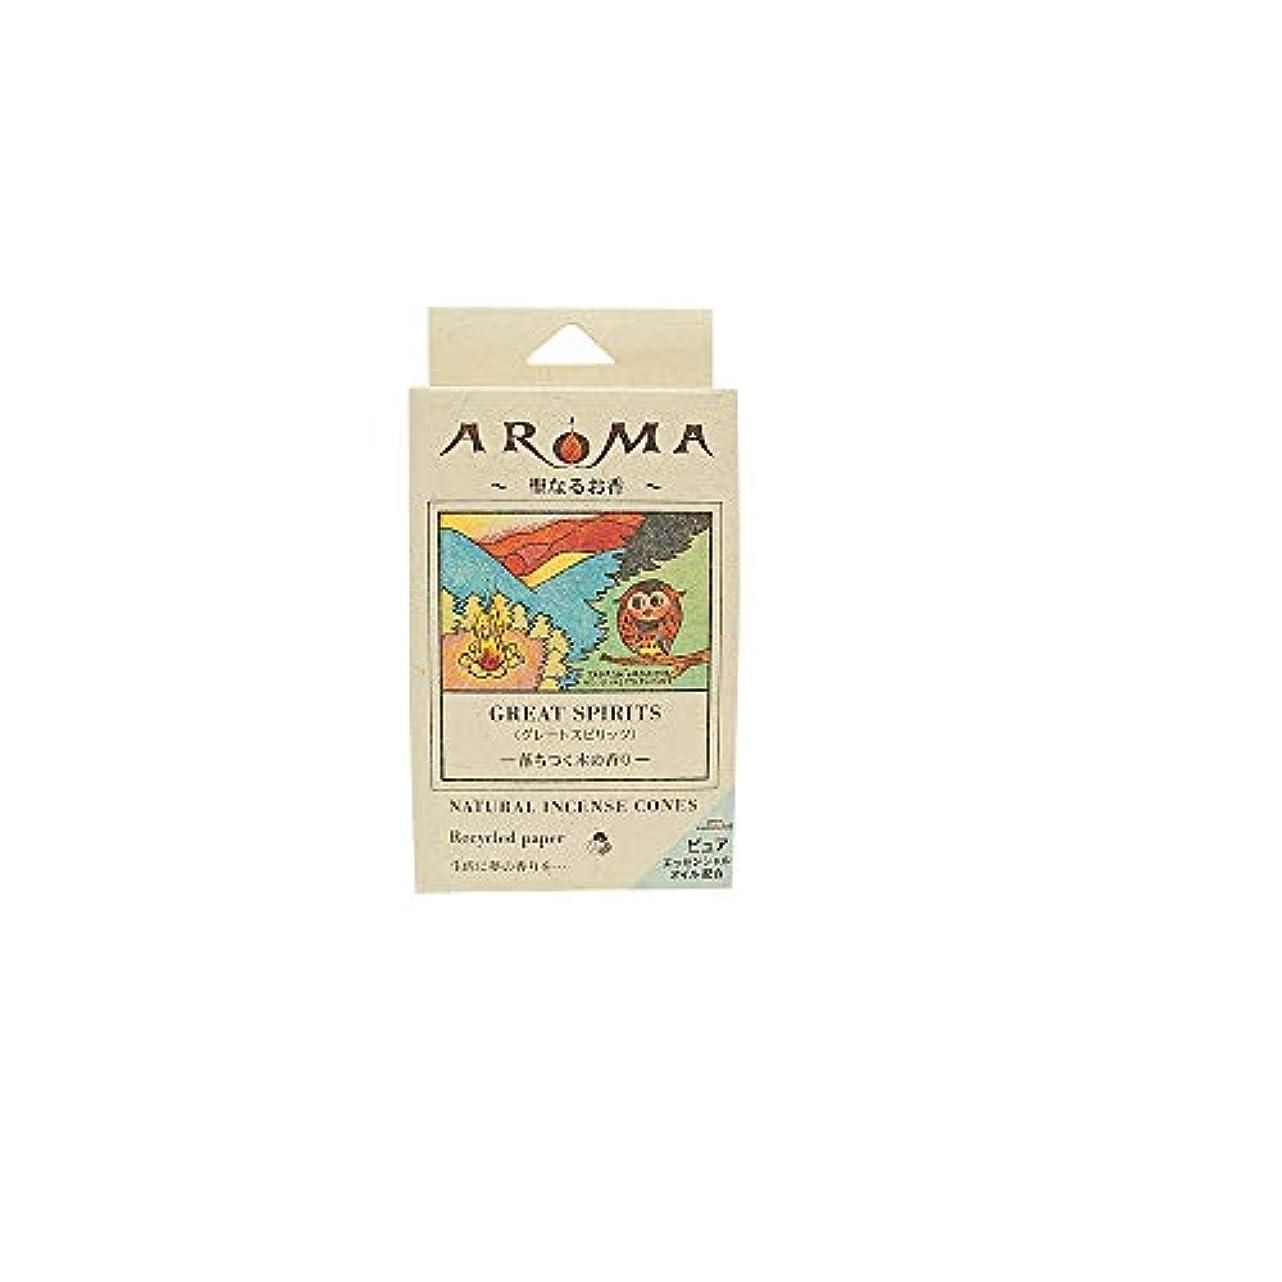 作りダイバー表示アロマ香 グレートスピリット 16粒(コーンタイプインセンス 1粒の燃焼時間約20分 落ち着く木の香り)